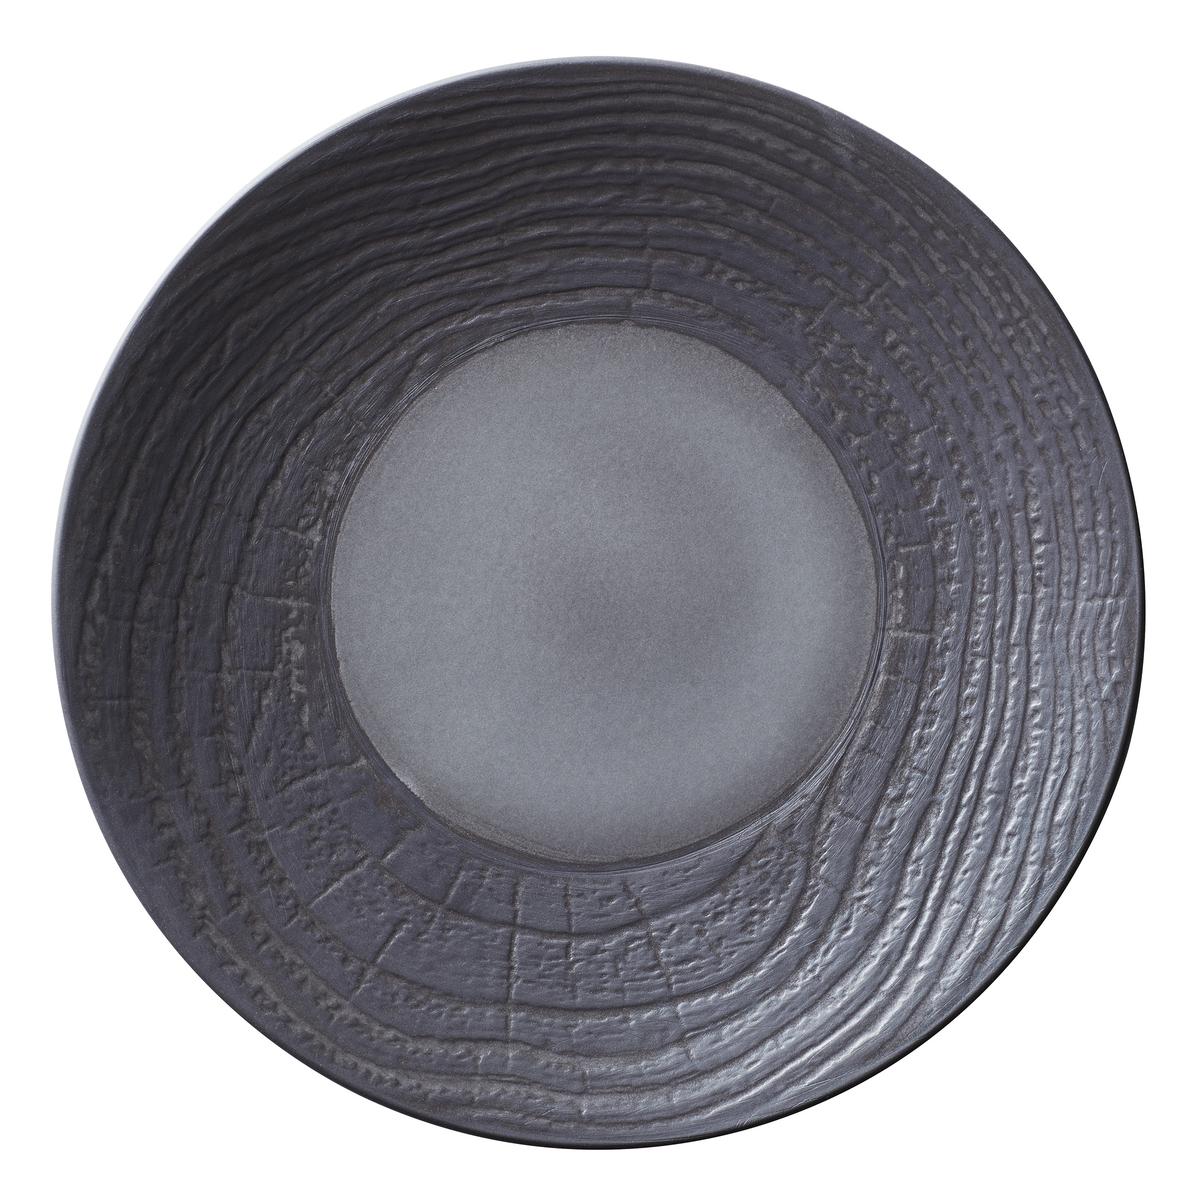 Assiette coupe plate ronde réglisse porcelaine Ø 28,30 cm Arborescence Revol